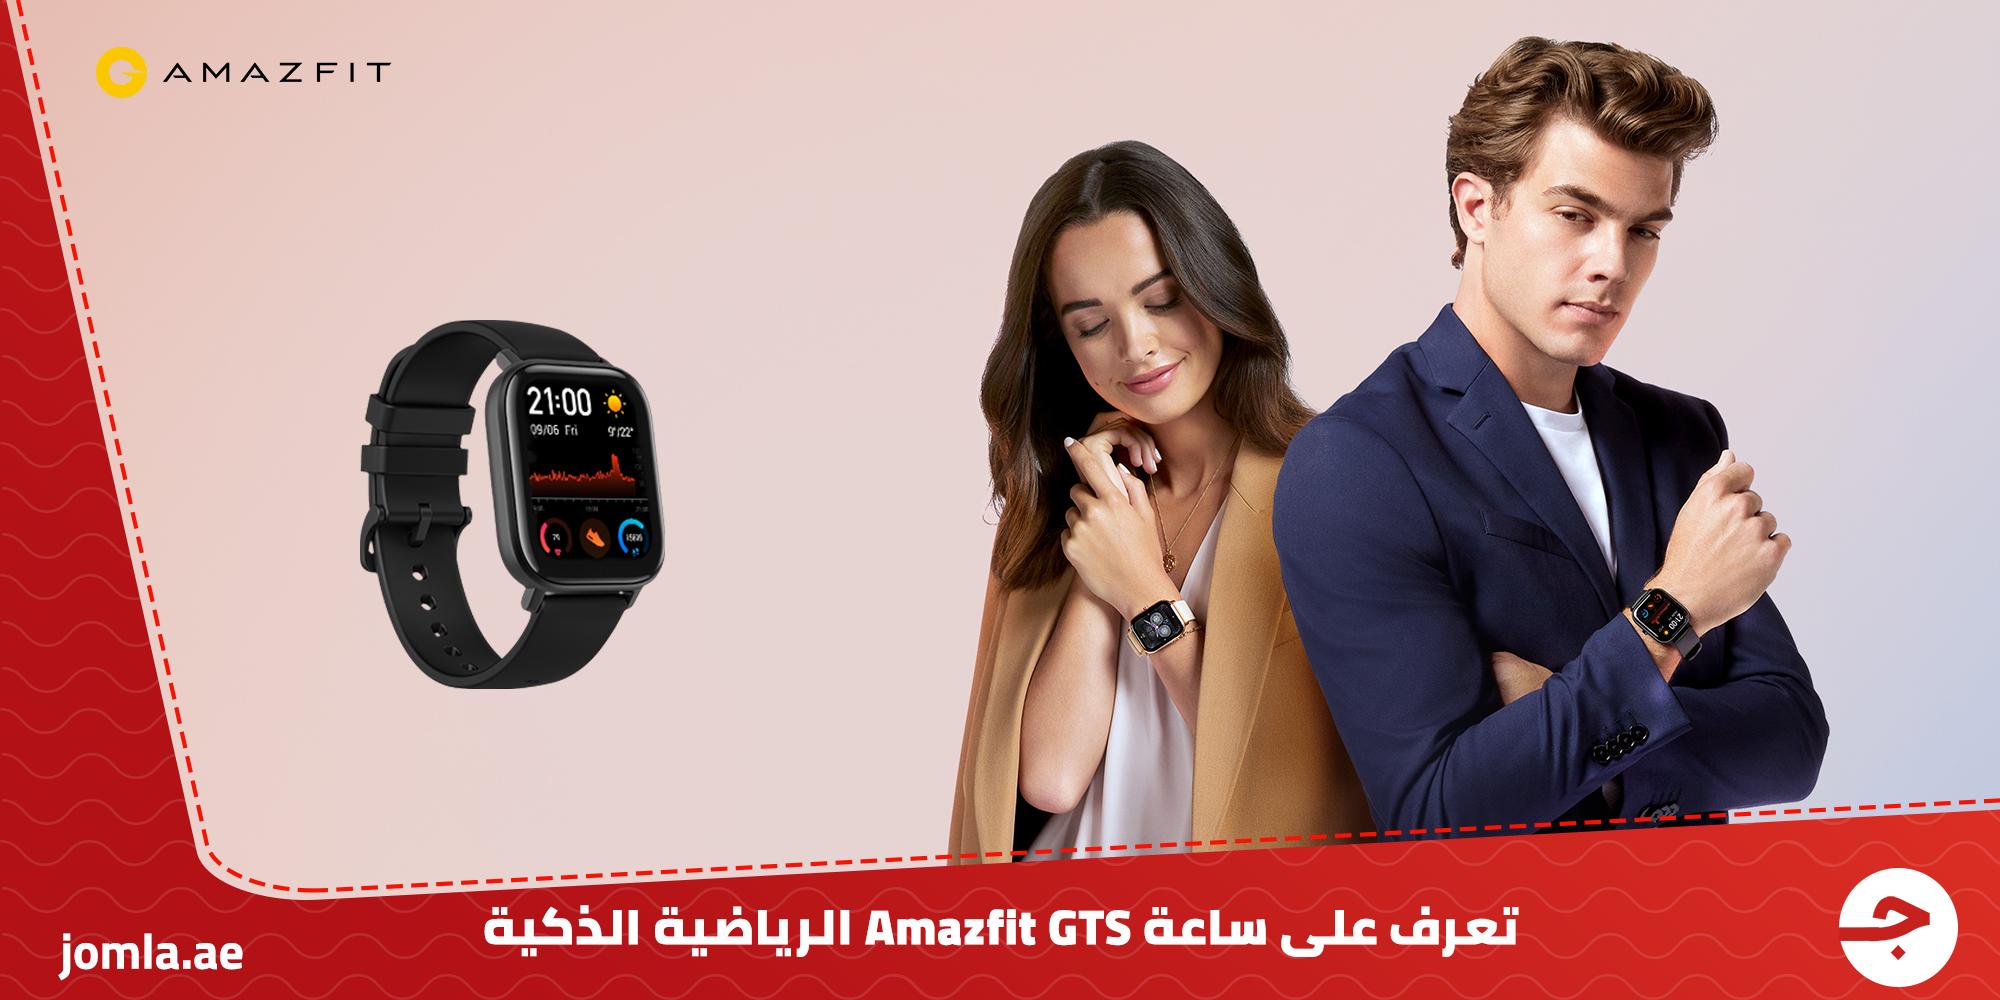 ساعة رياضية ذكية: تعرف على مواصفات ساعة شاومي Amazfit GTS